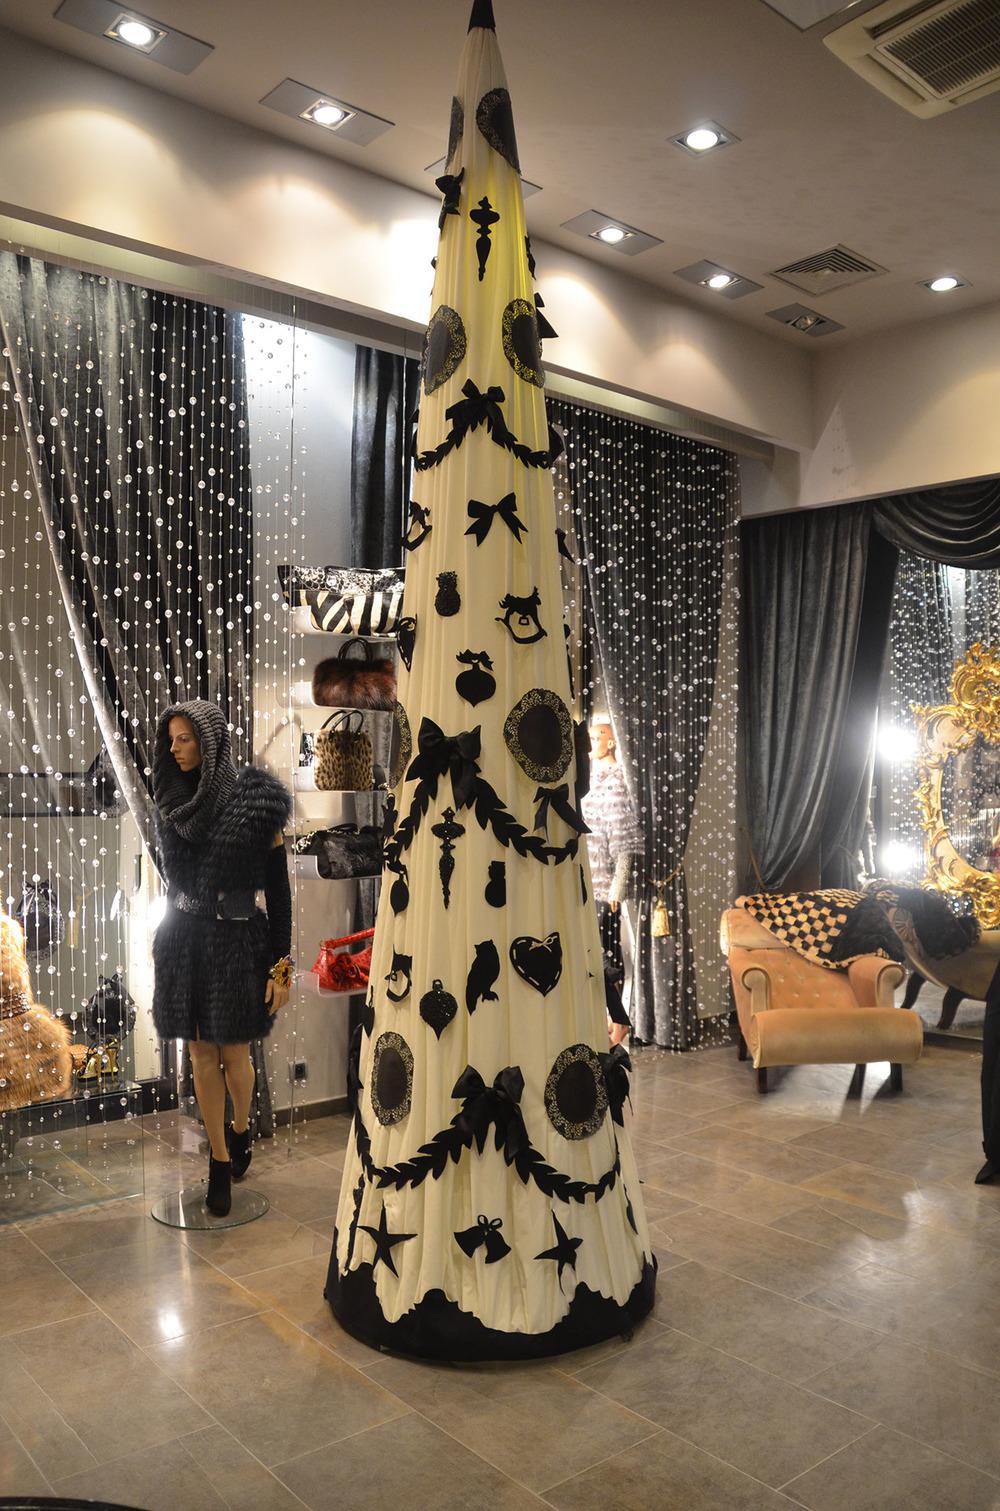 dekoracje_swiateczne_sklepu.jpg